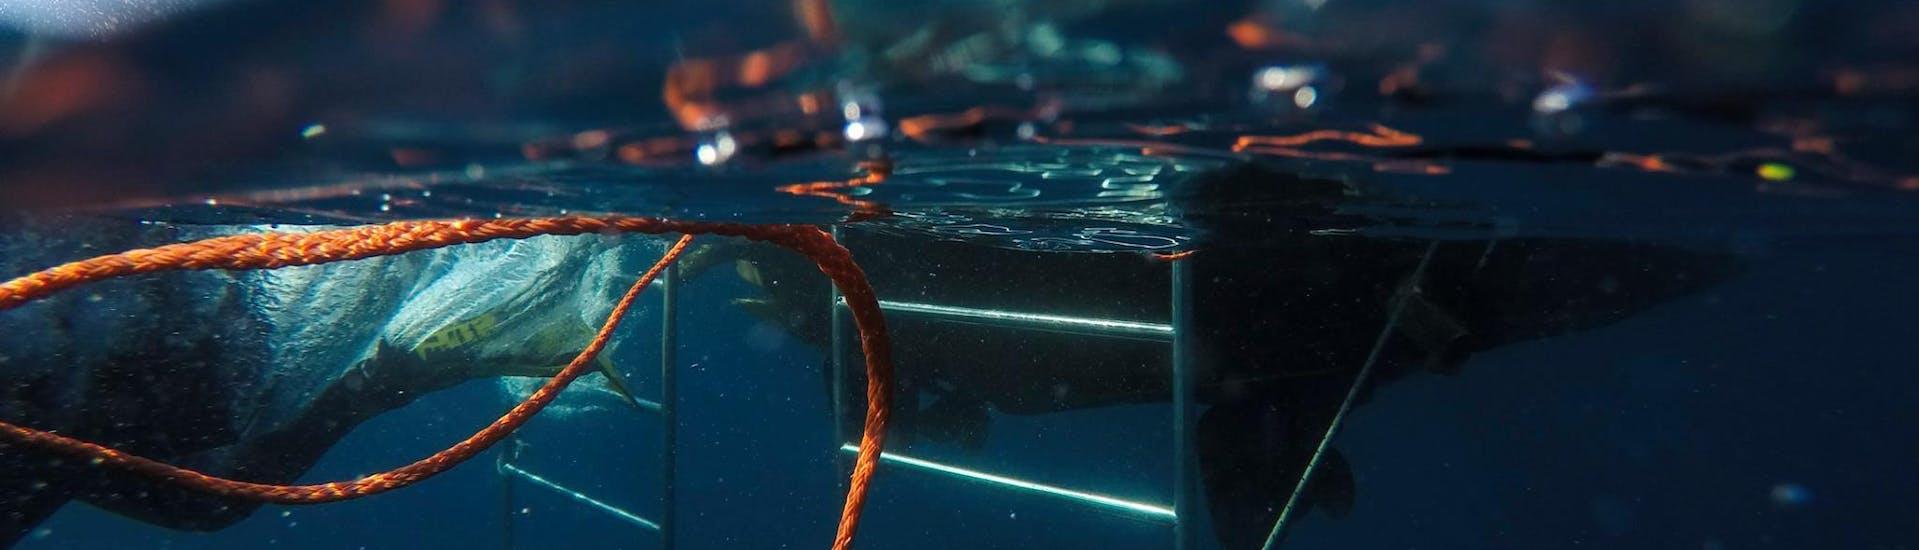 PADI Discover Scuba Diving in Premantura for Beginners